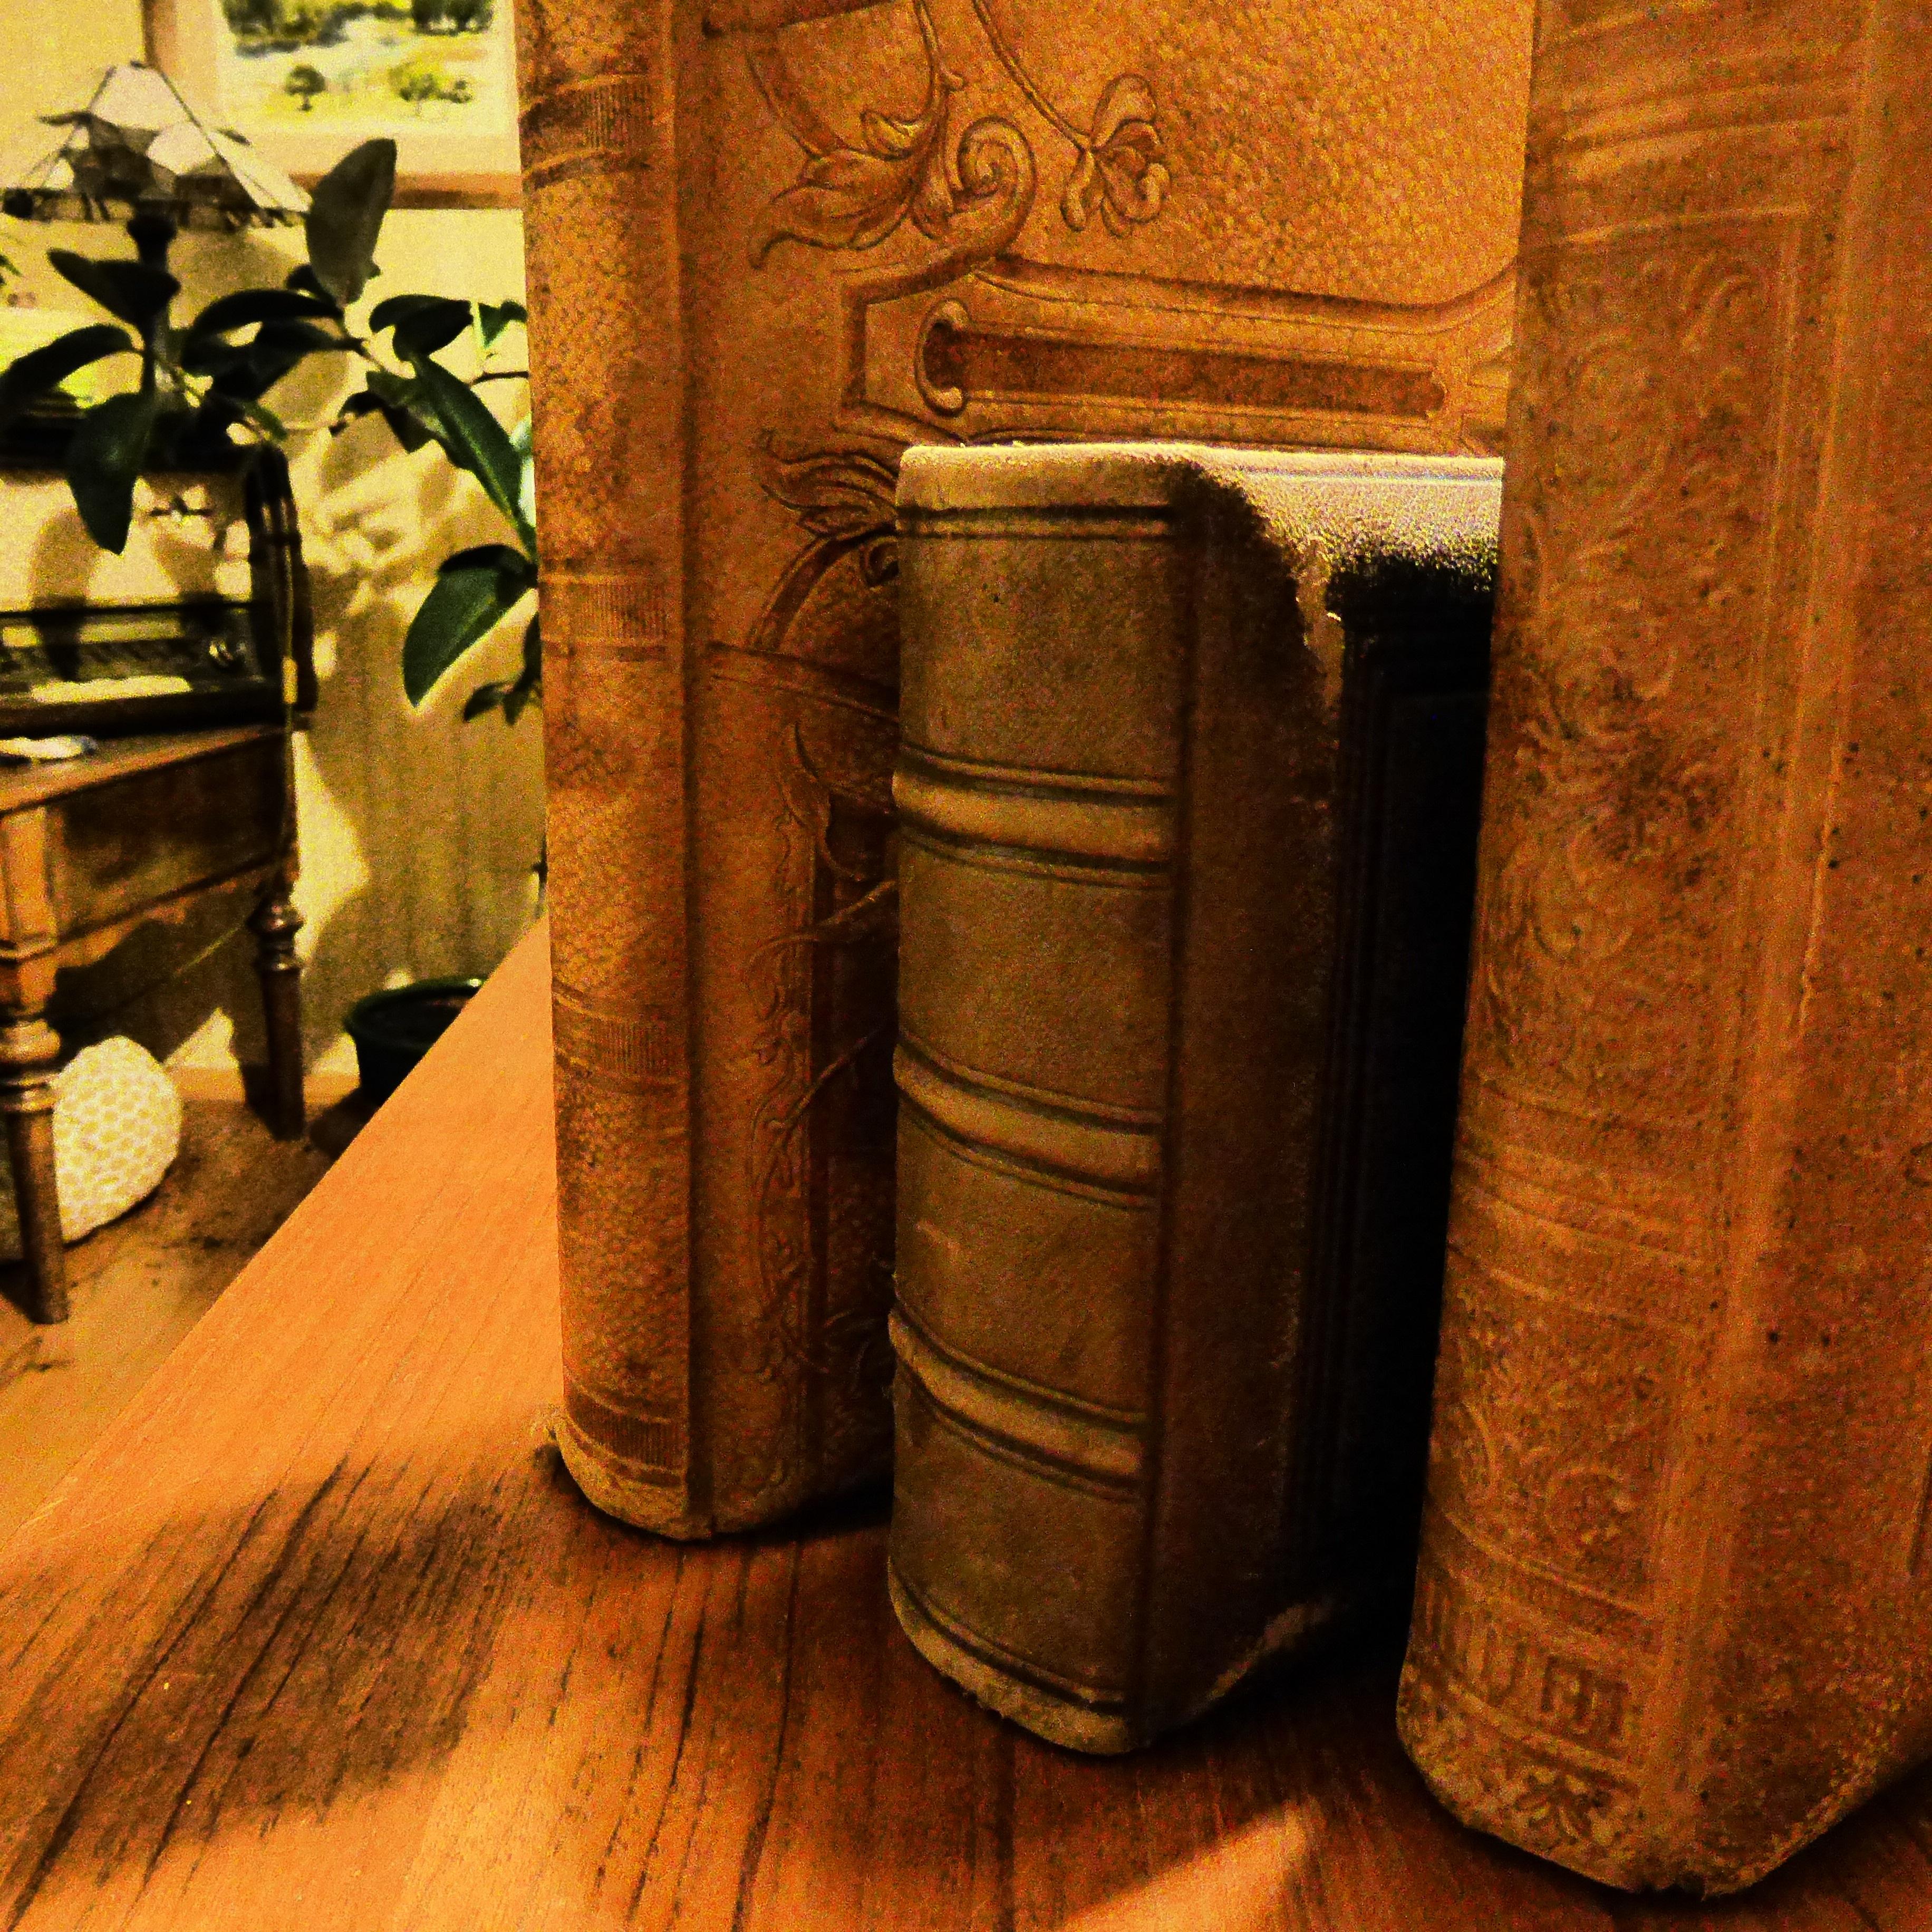 Madera antiguo antiguo marr n mueble iluminaci n libro viejo espina art libros tallado anticuario anticuario cubiertas de